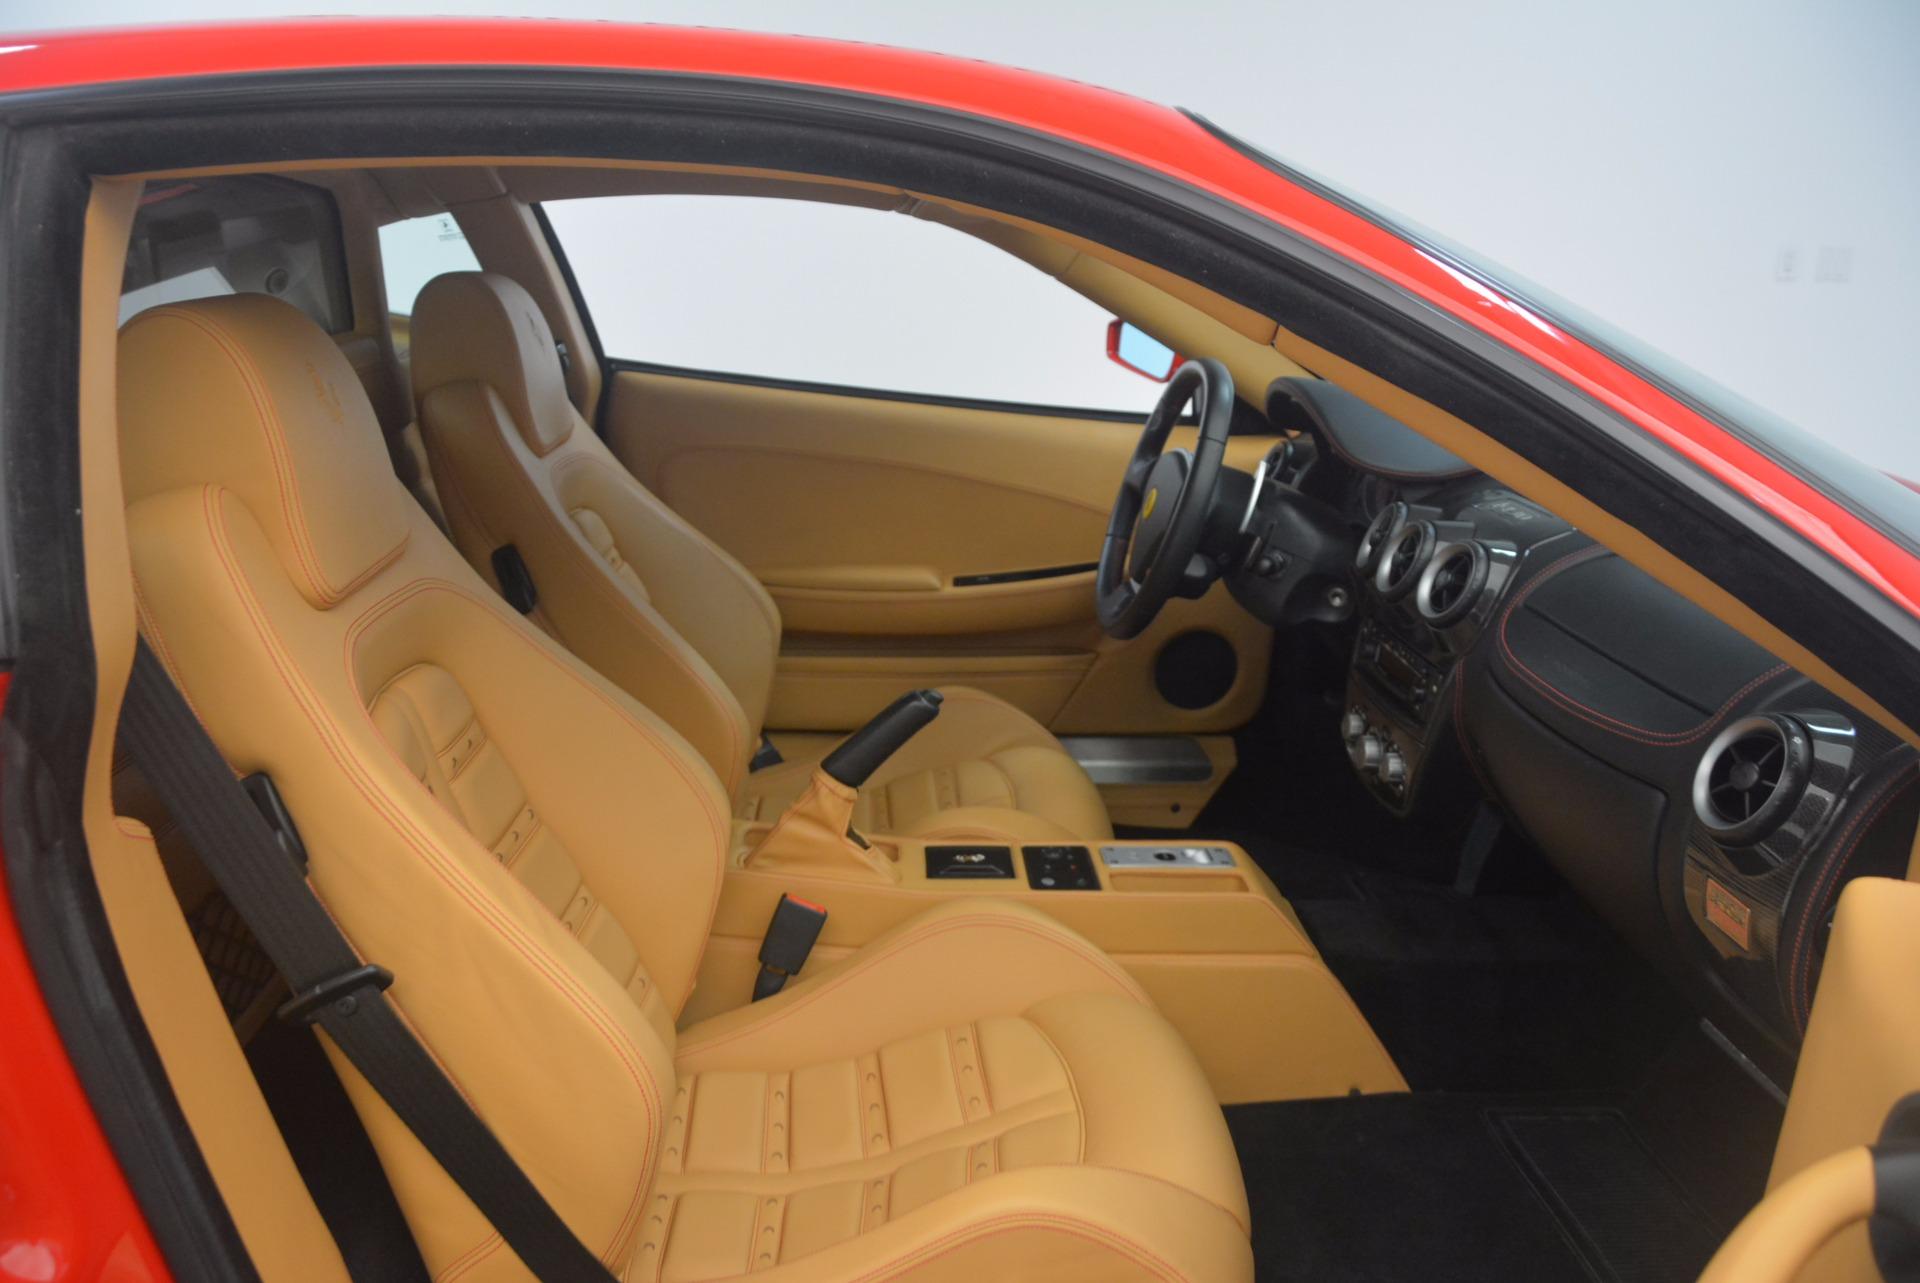 Used 2005 Ferrari F430  For Sale In Greenwich, CT 1184_p16